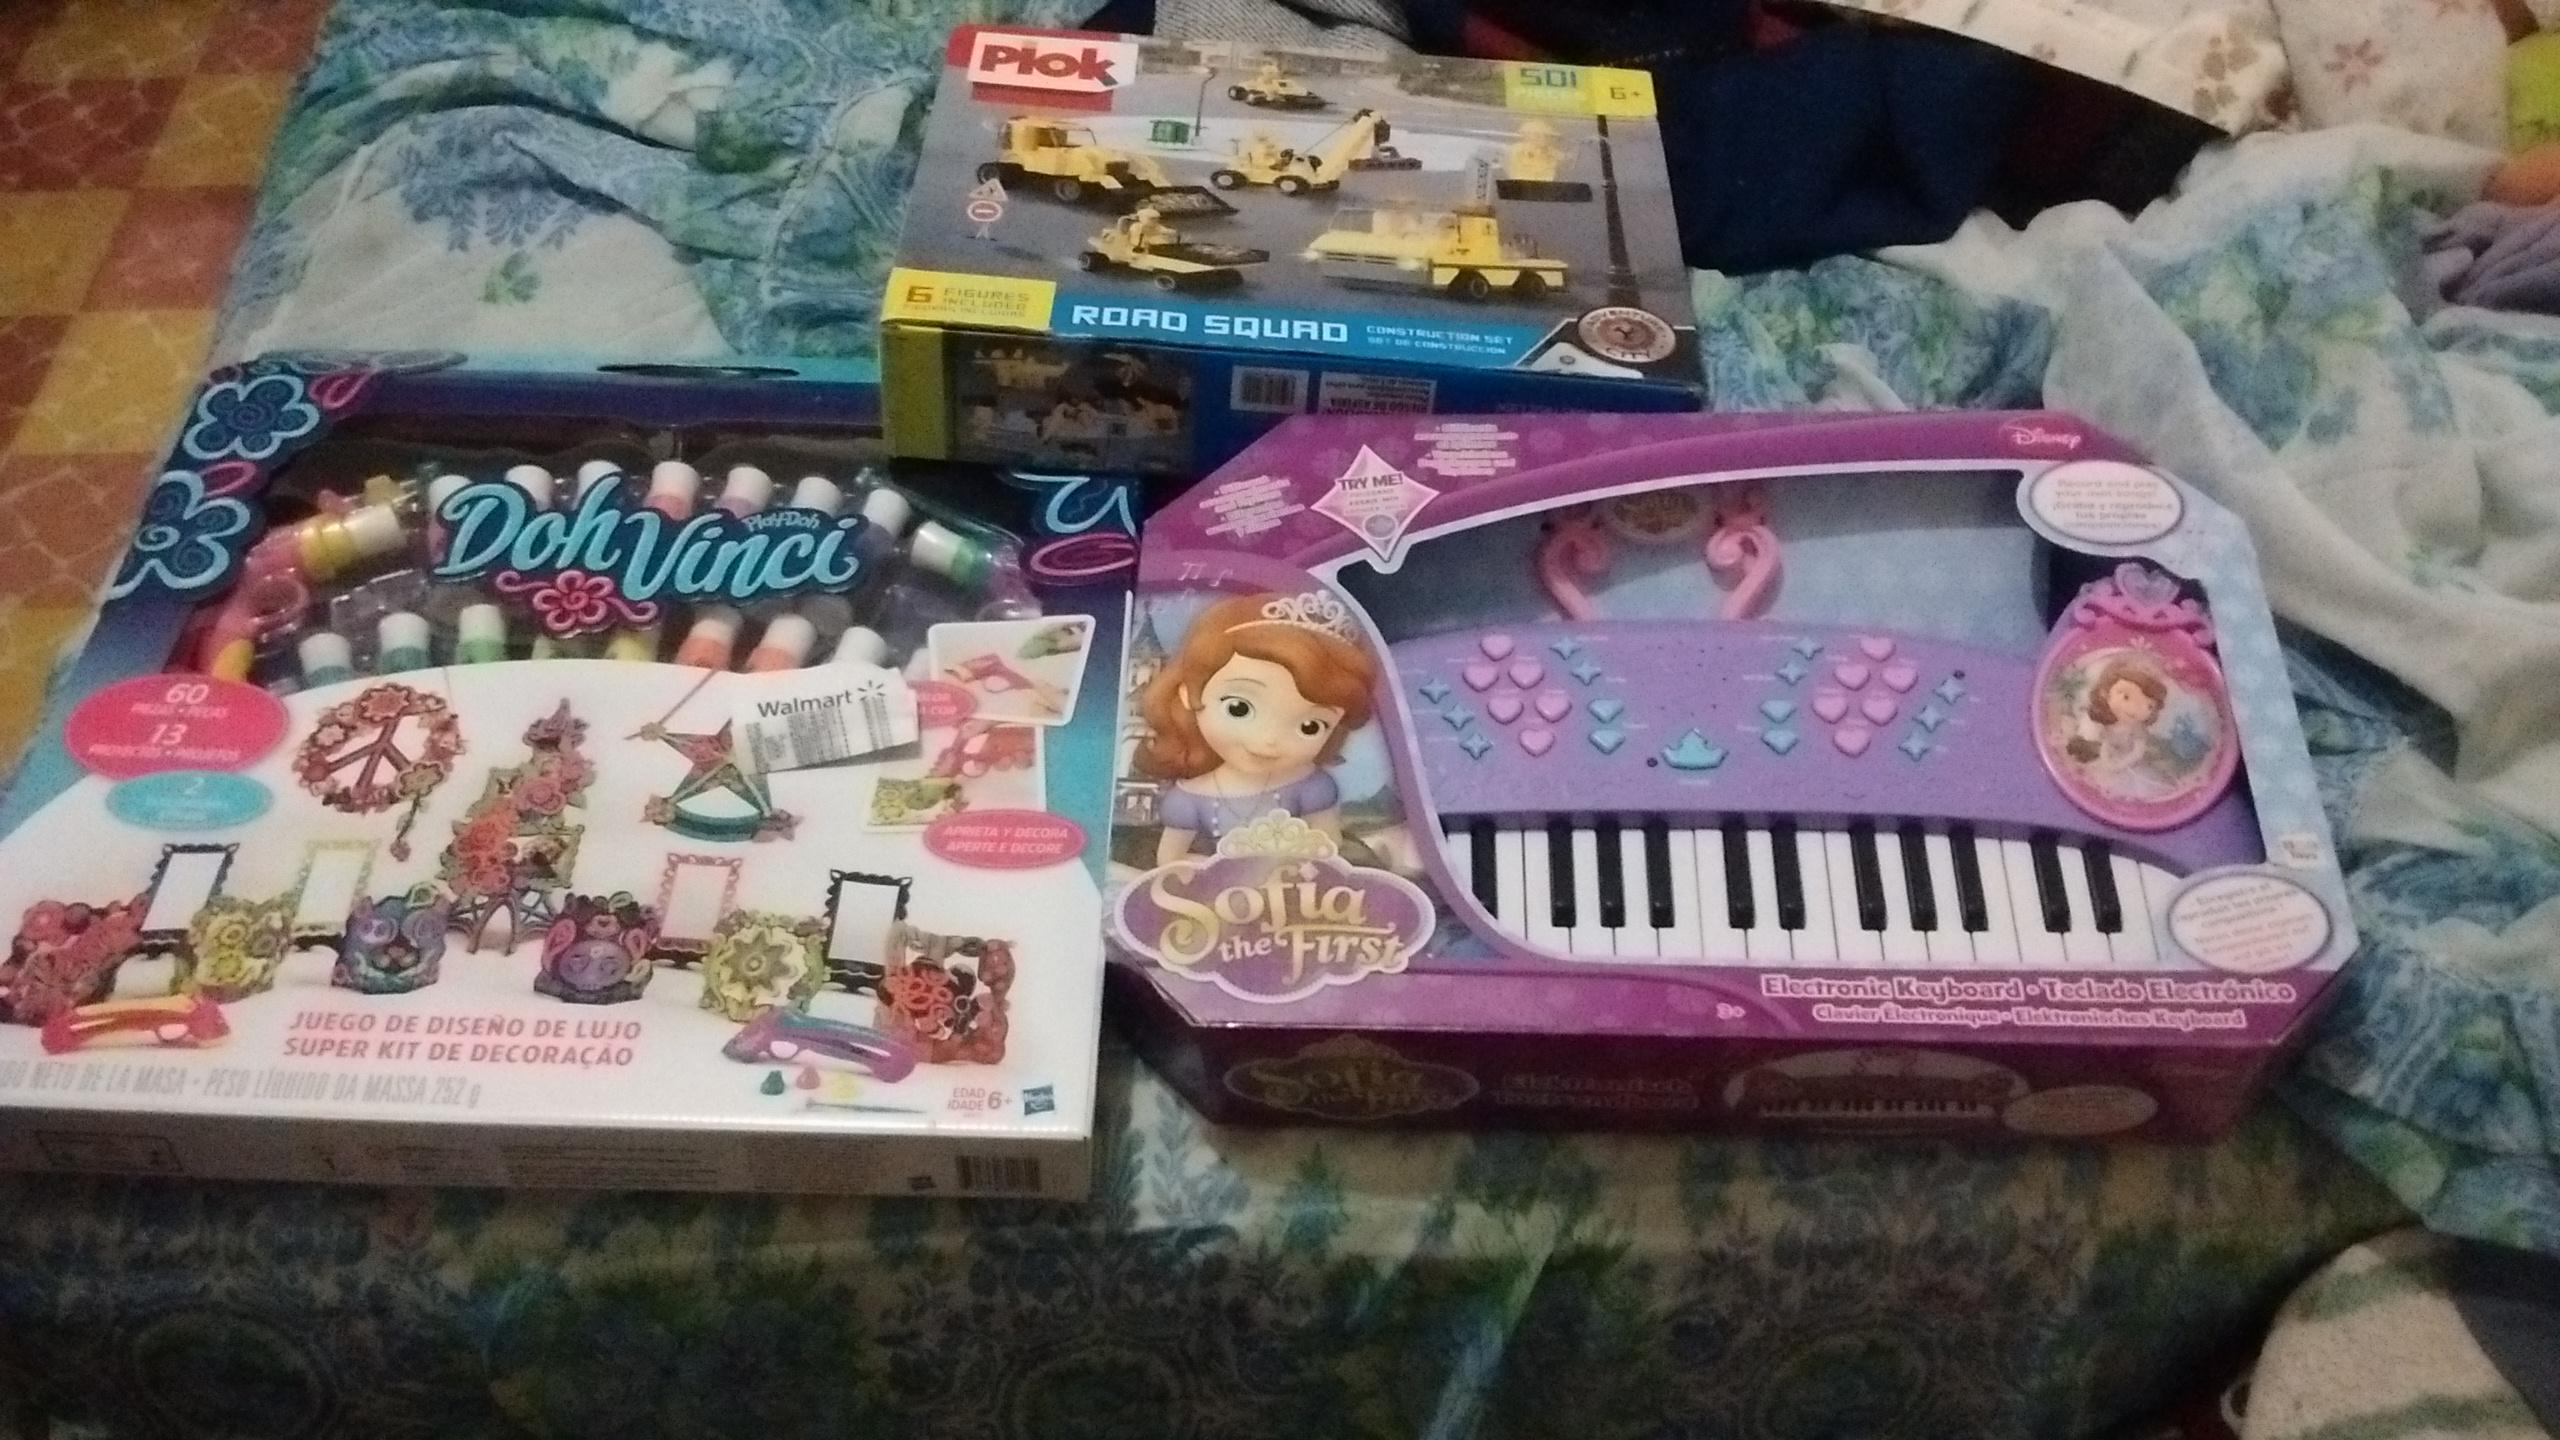 Walmart Buenavista: piano electrónico princesa sofia, set dohvinci $90.01 plok 45.01 y mas